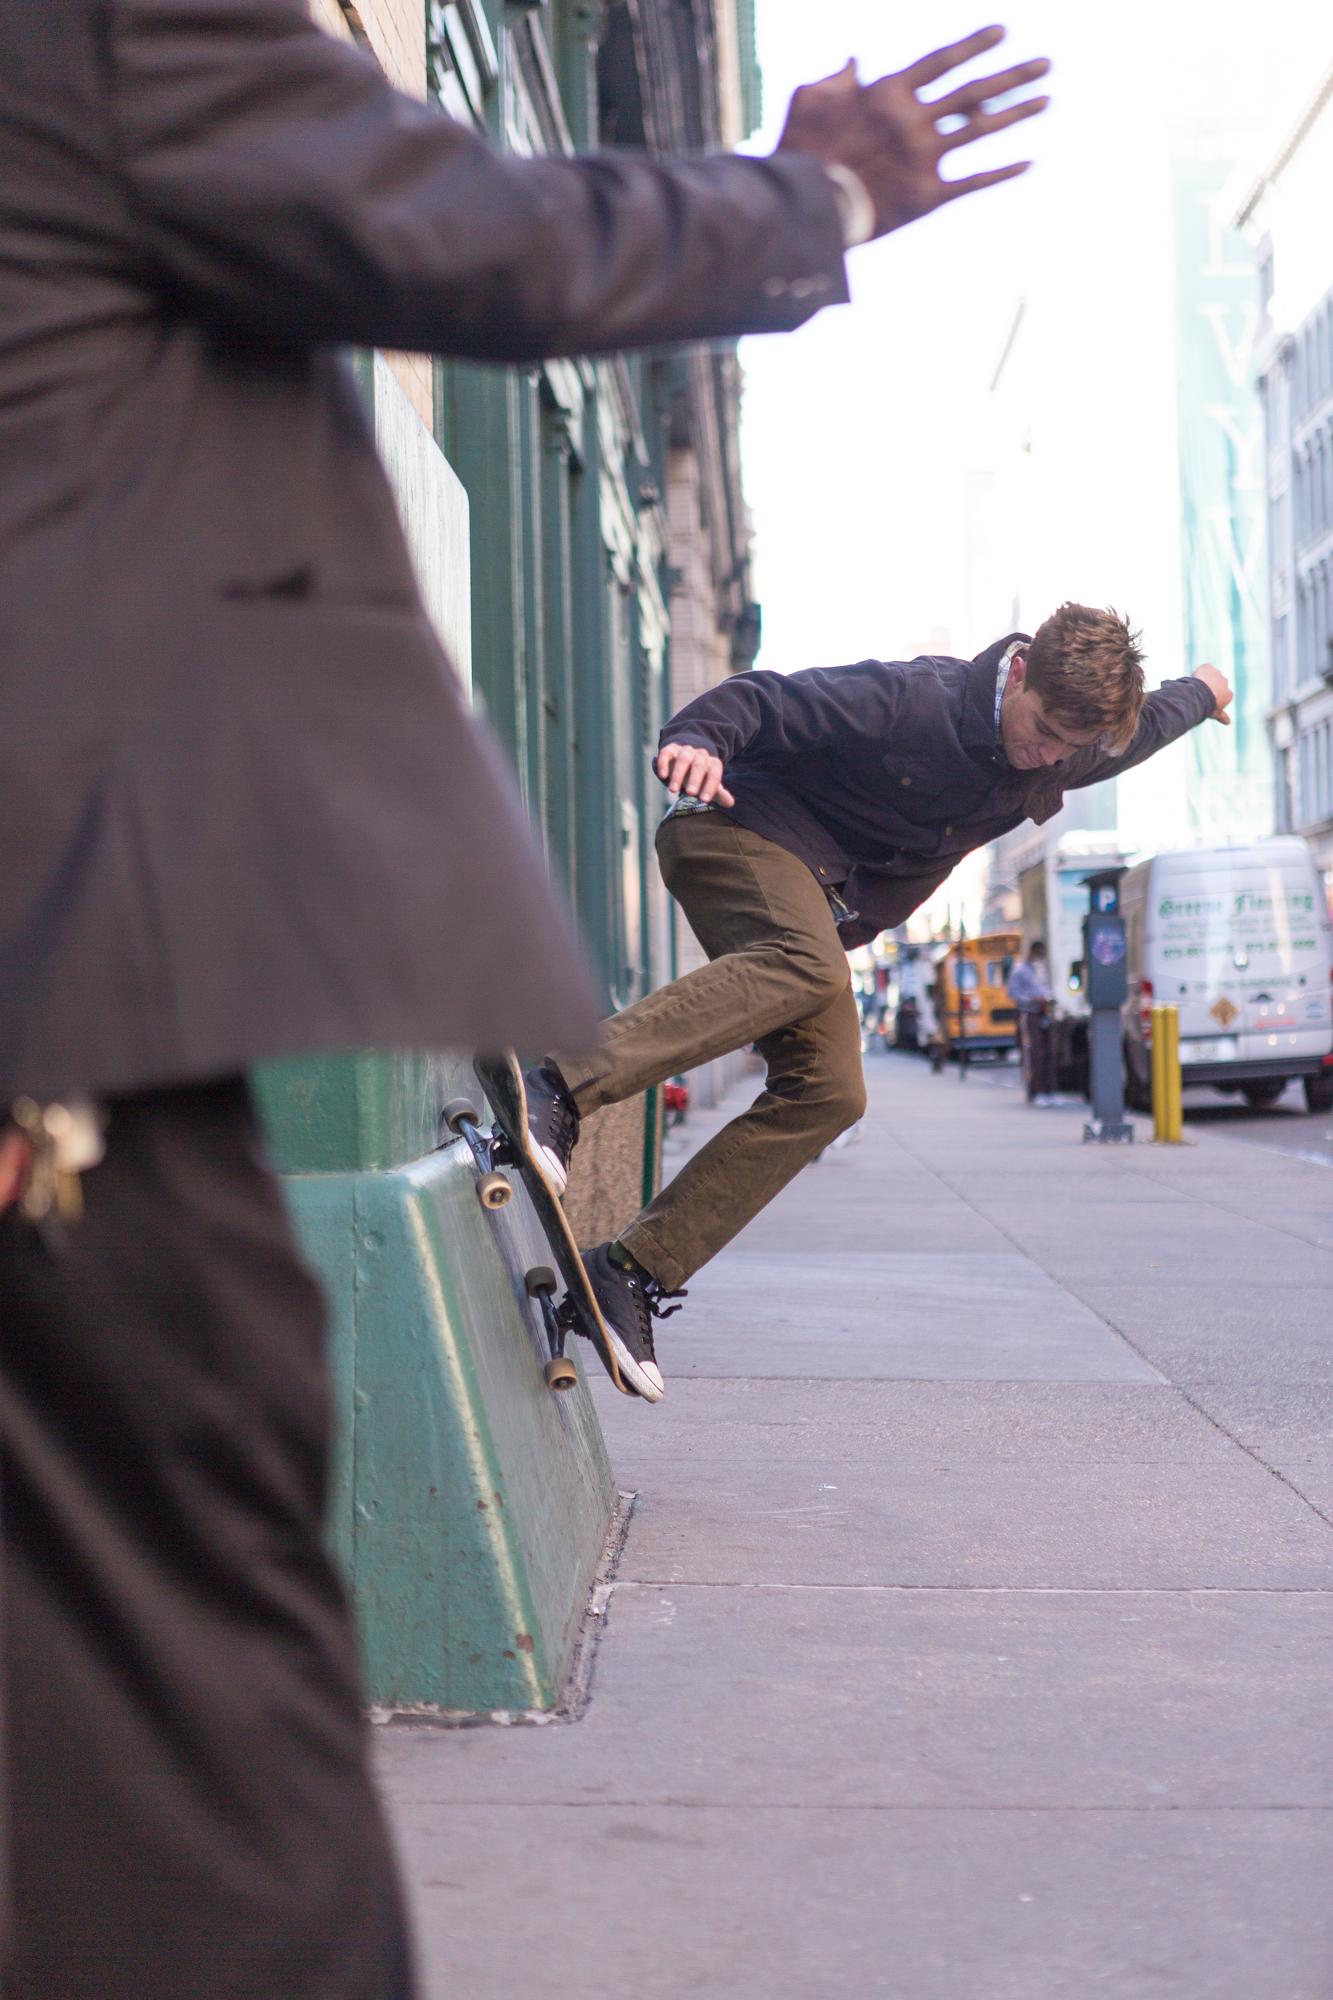 2013_11_13_NYC_Skate_web.jpg